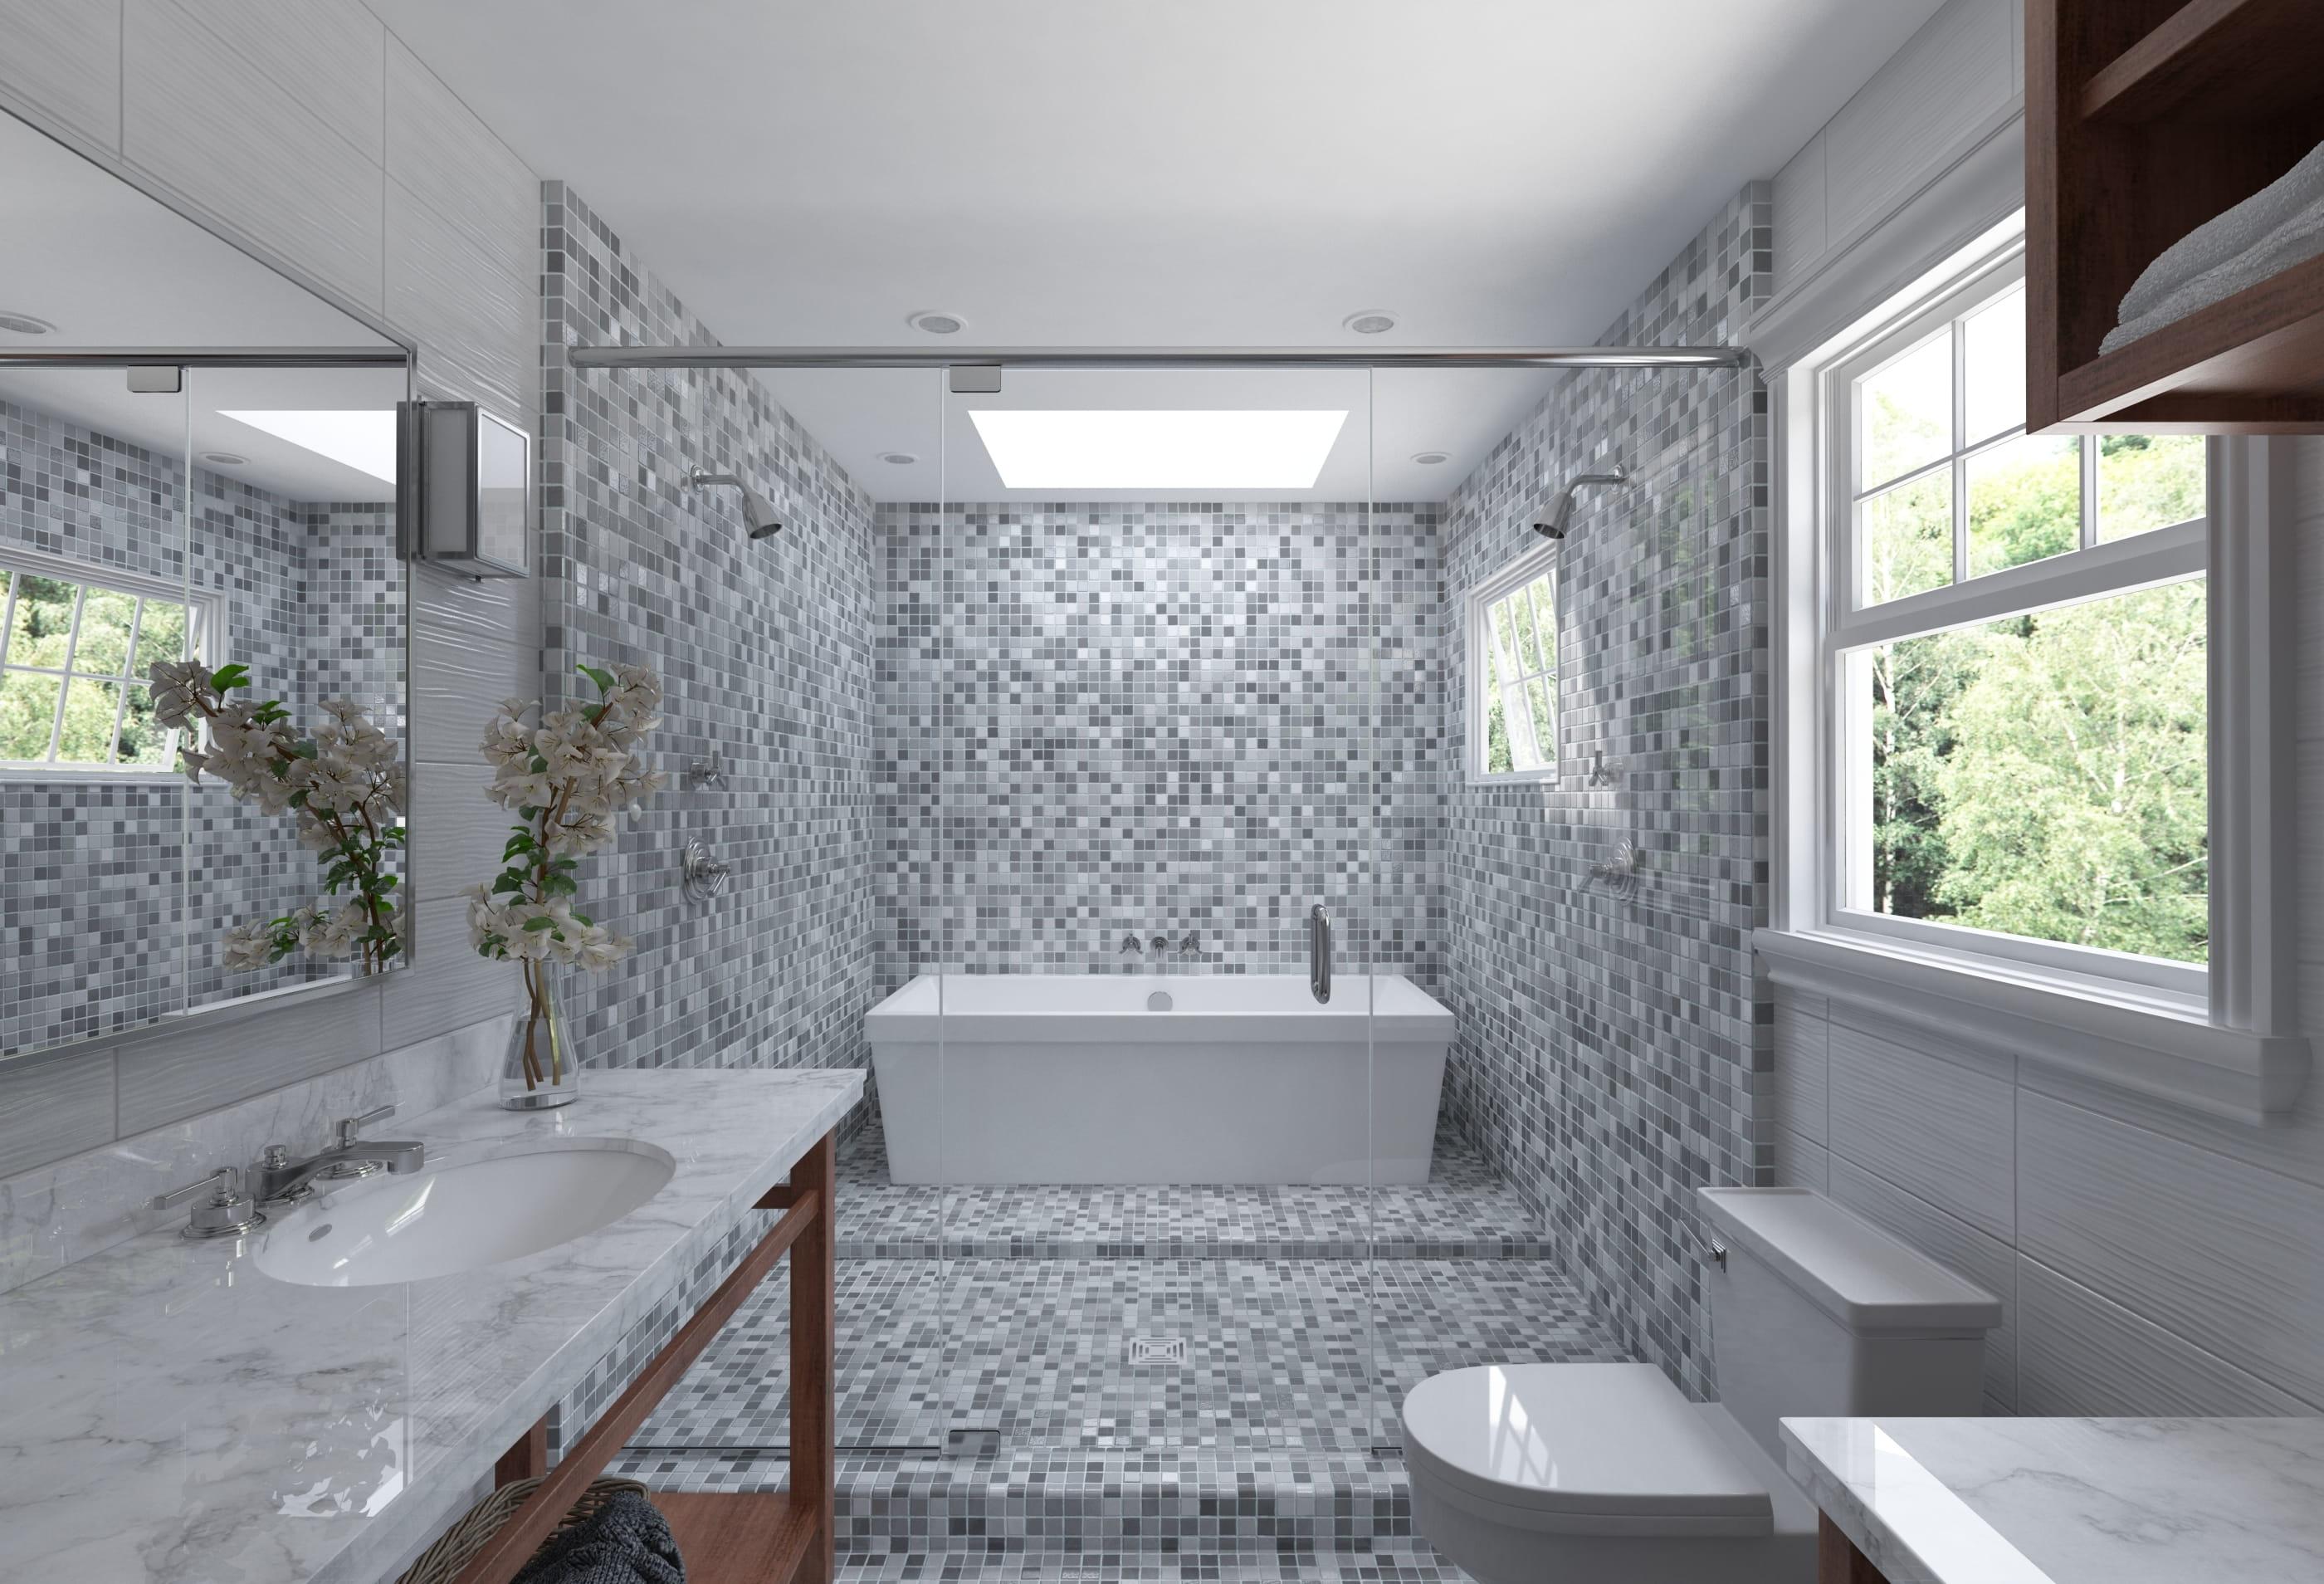 Ceramic Tiles Mosaic 42 Archmaterials 3